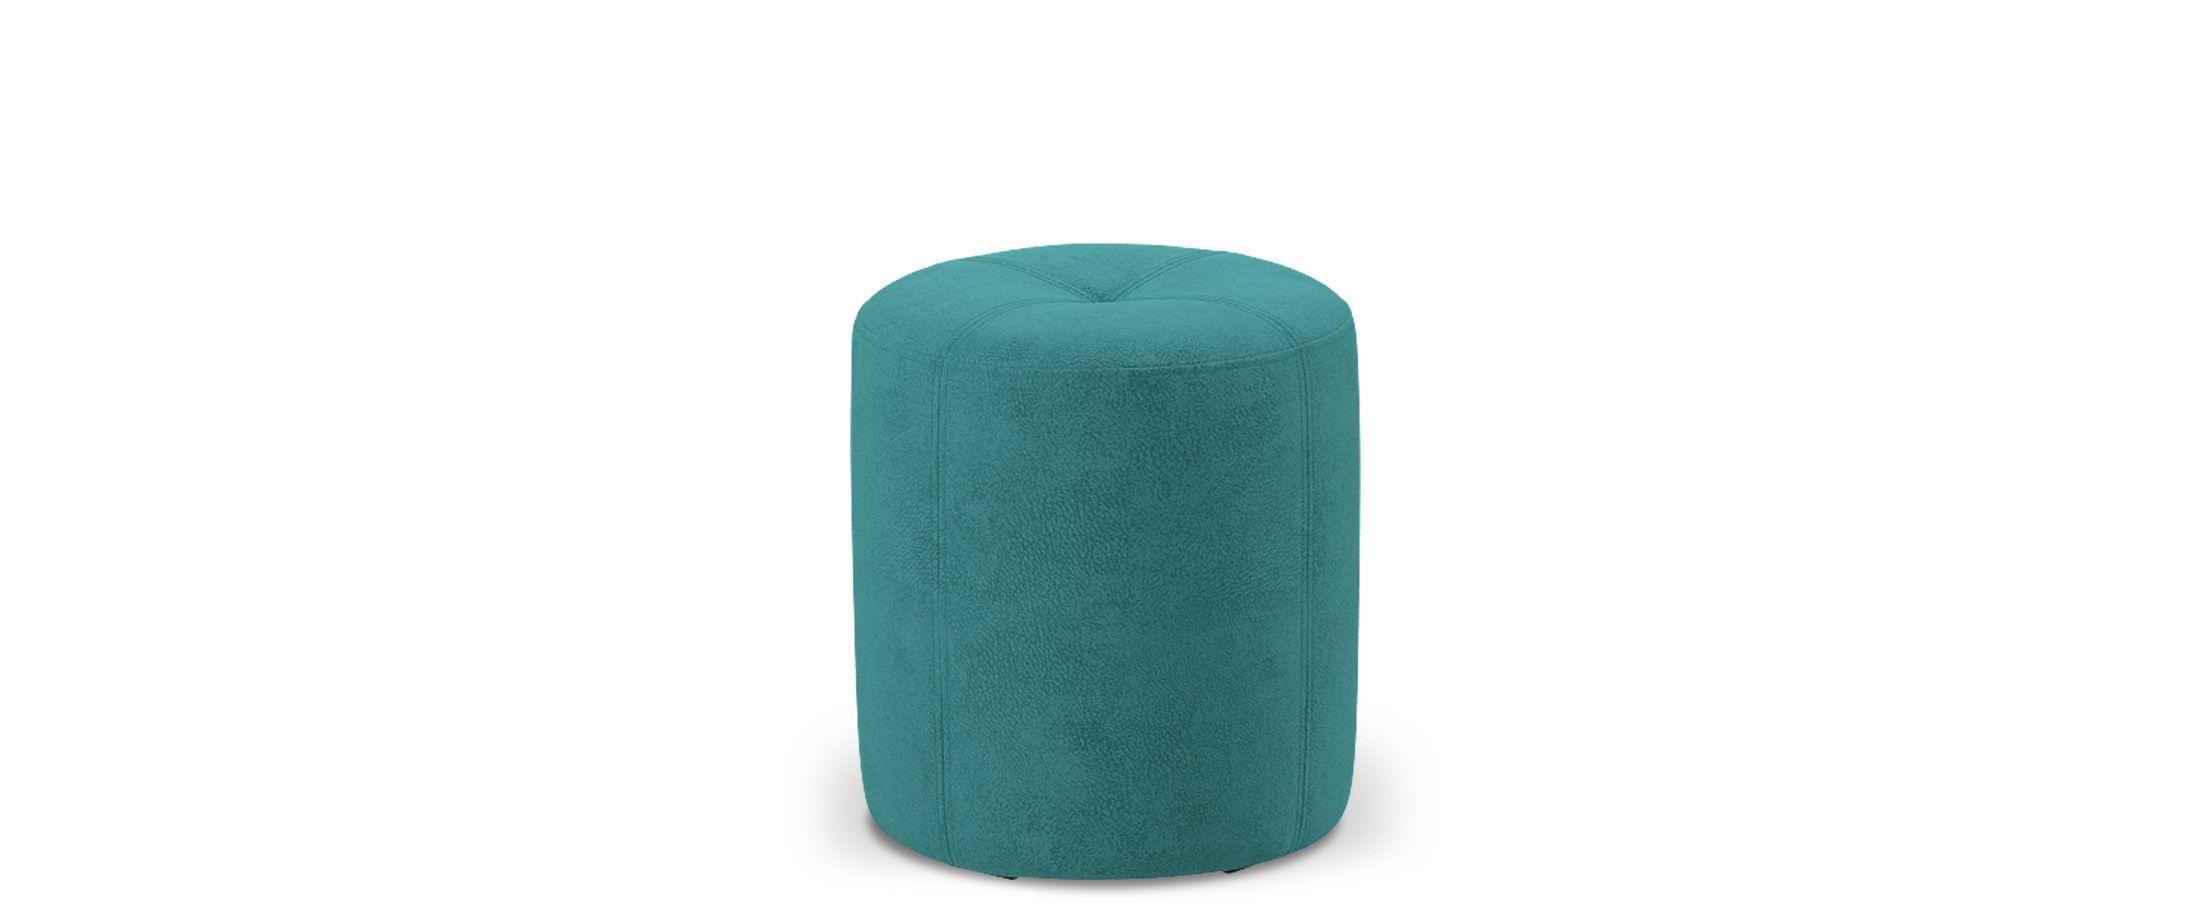 Пуф цилиндрКупить цилиндрический пуф из велюра Модель 010 от производителя. Доставка от 1 дня. Гарантия 18 месяцев. Интернет-магазин мебели MOON TRADE.<br><br>Ширина см: 35<br>Глубина см: 35<br>Высота см: 39<br>Цвет: Зеленый<br>Материал: Велюр